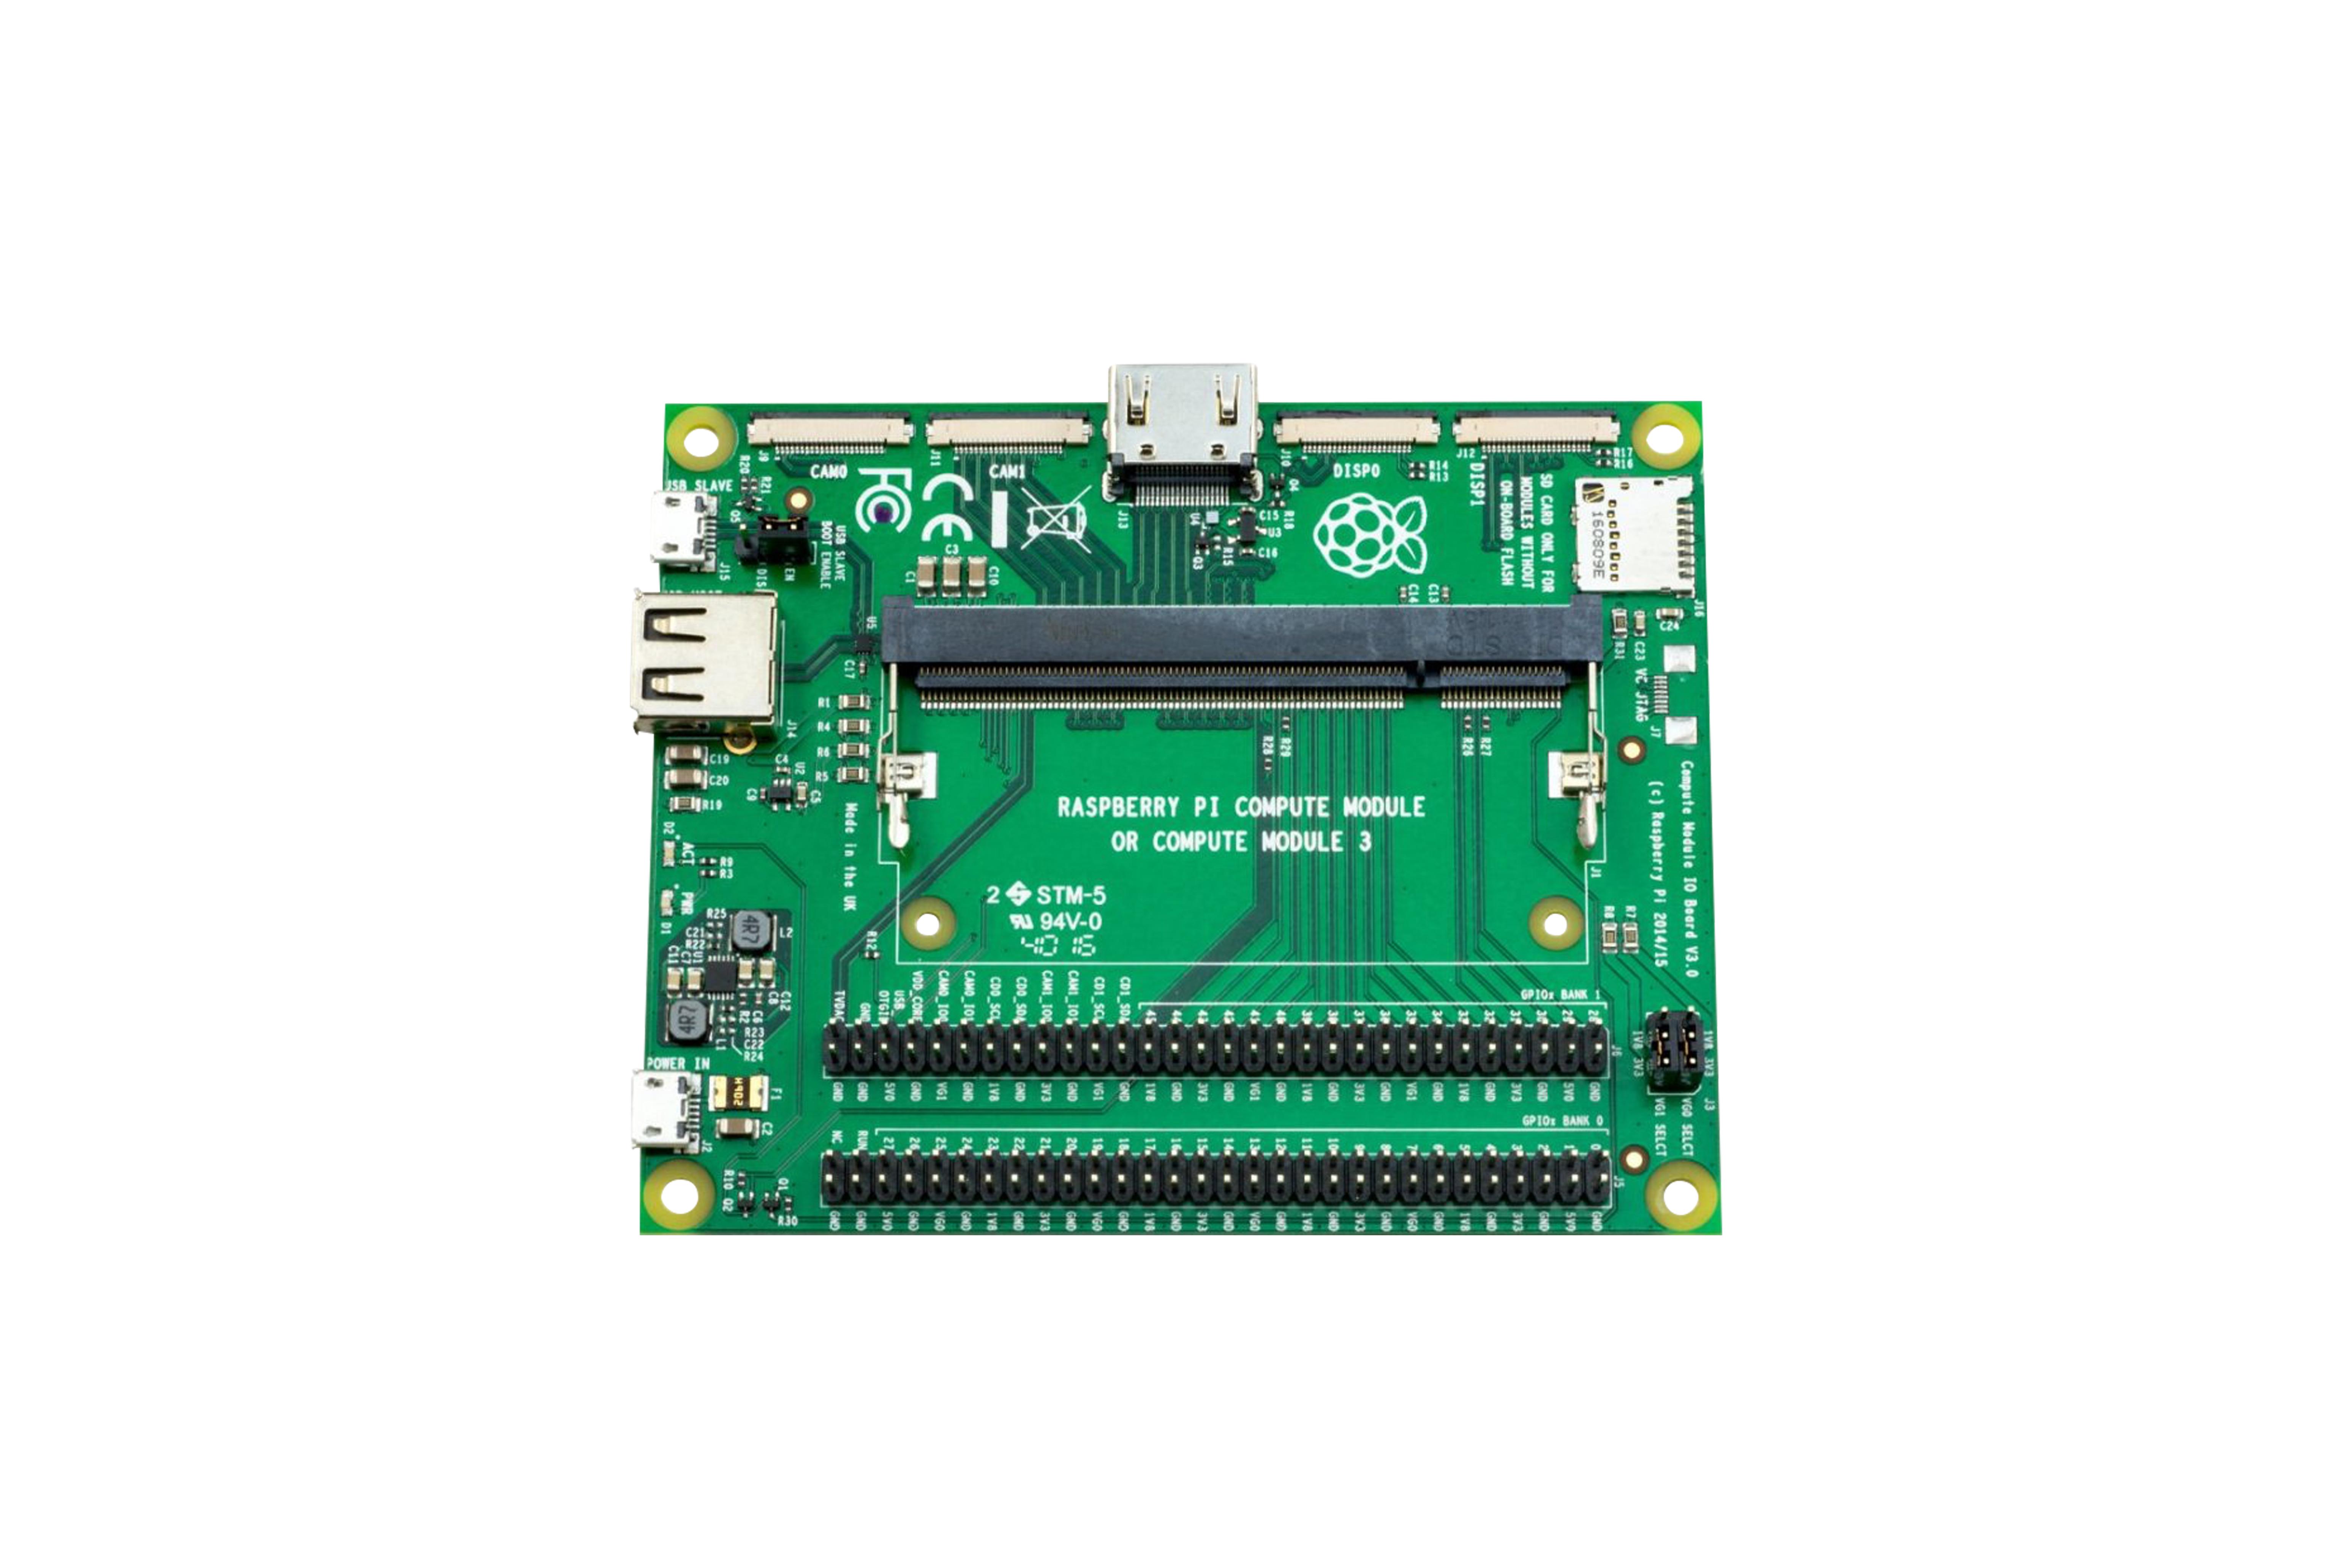 Kit de développement de module de calcul 3 pour Raspberry Pi